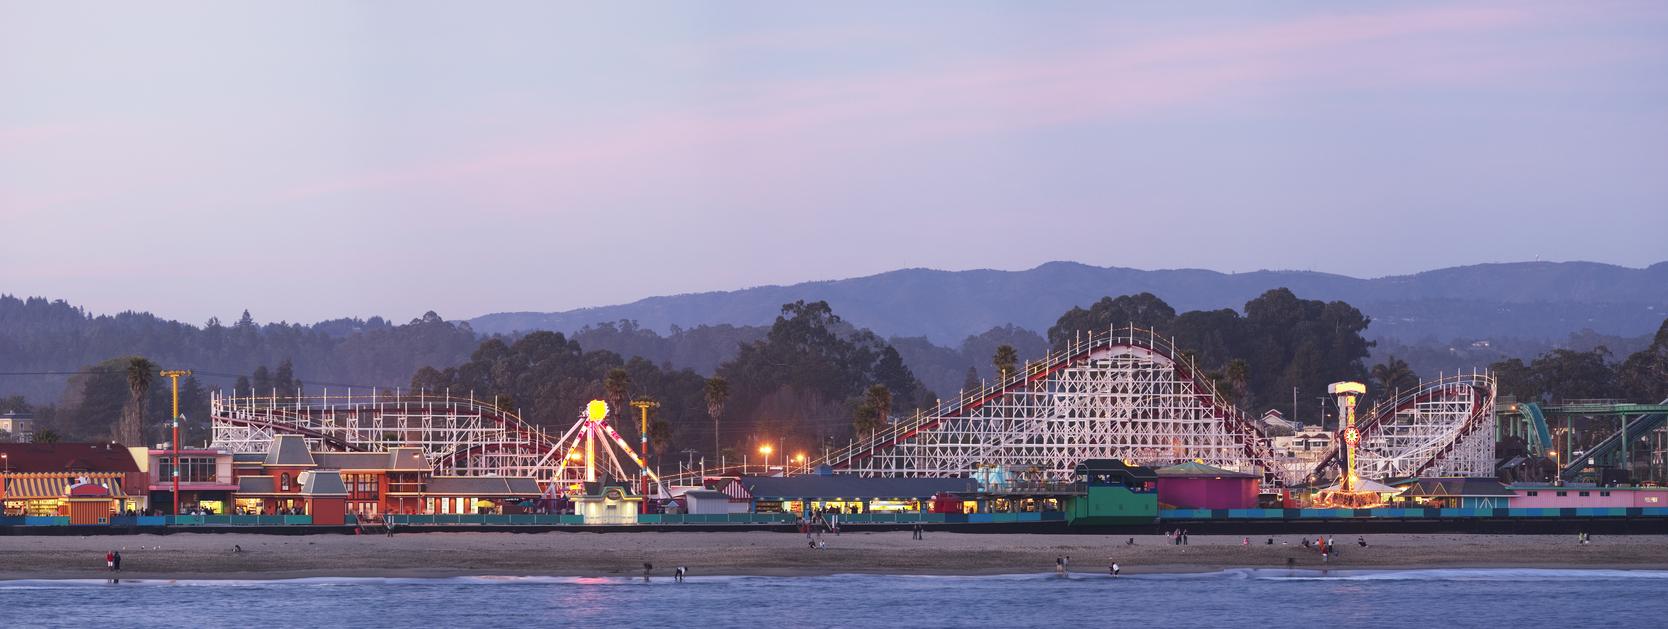 Santa Cruz Beach Boardwalk roller coaster